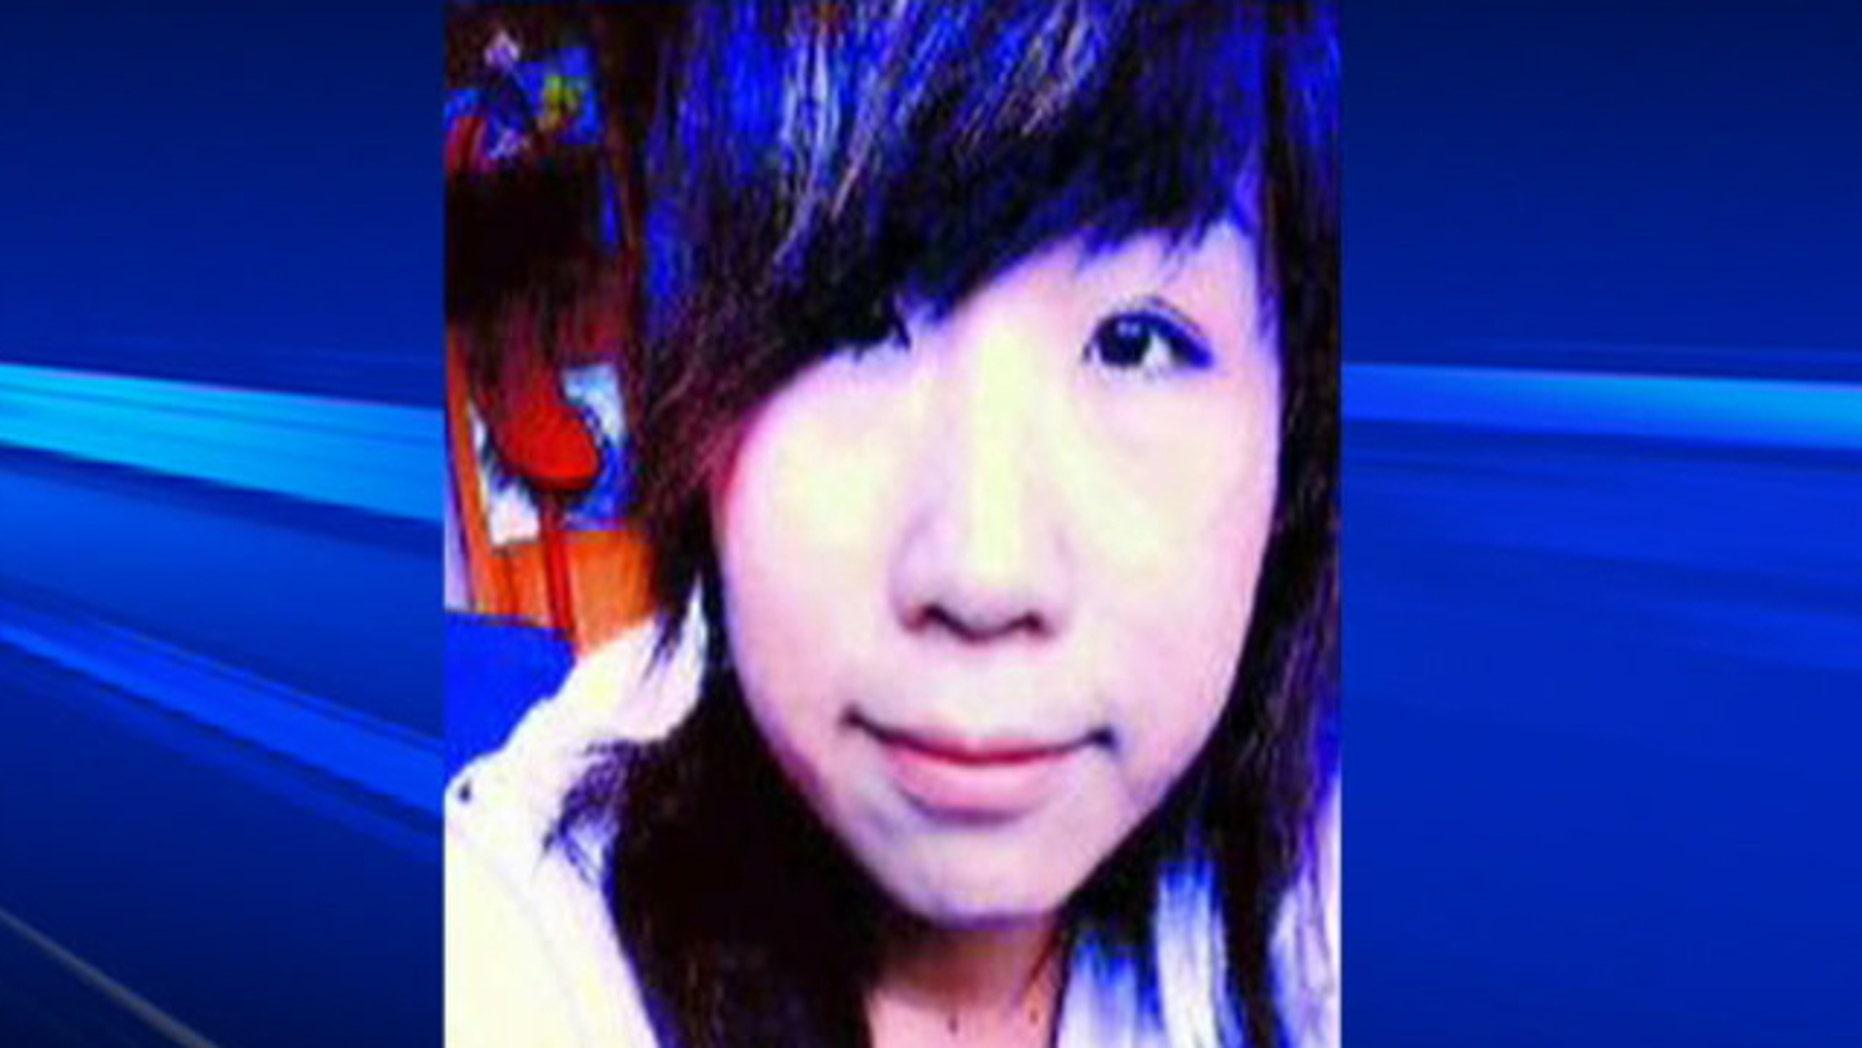 Undated photo of Qian Liu.